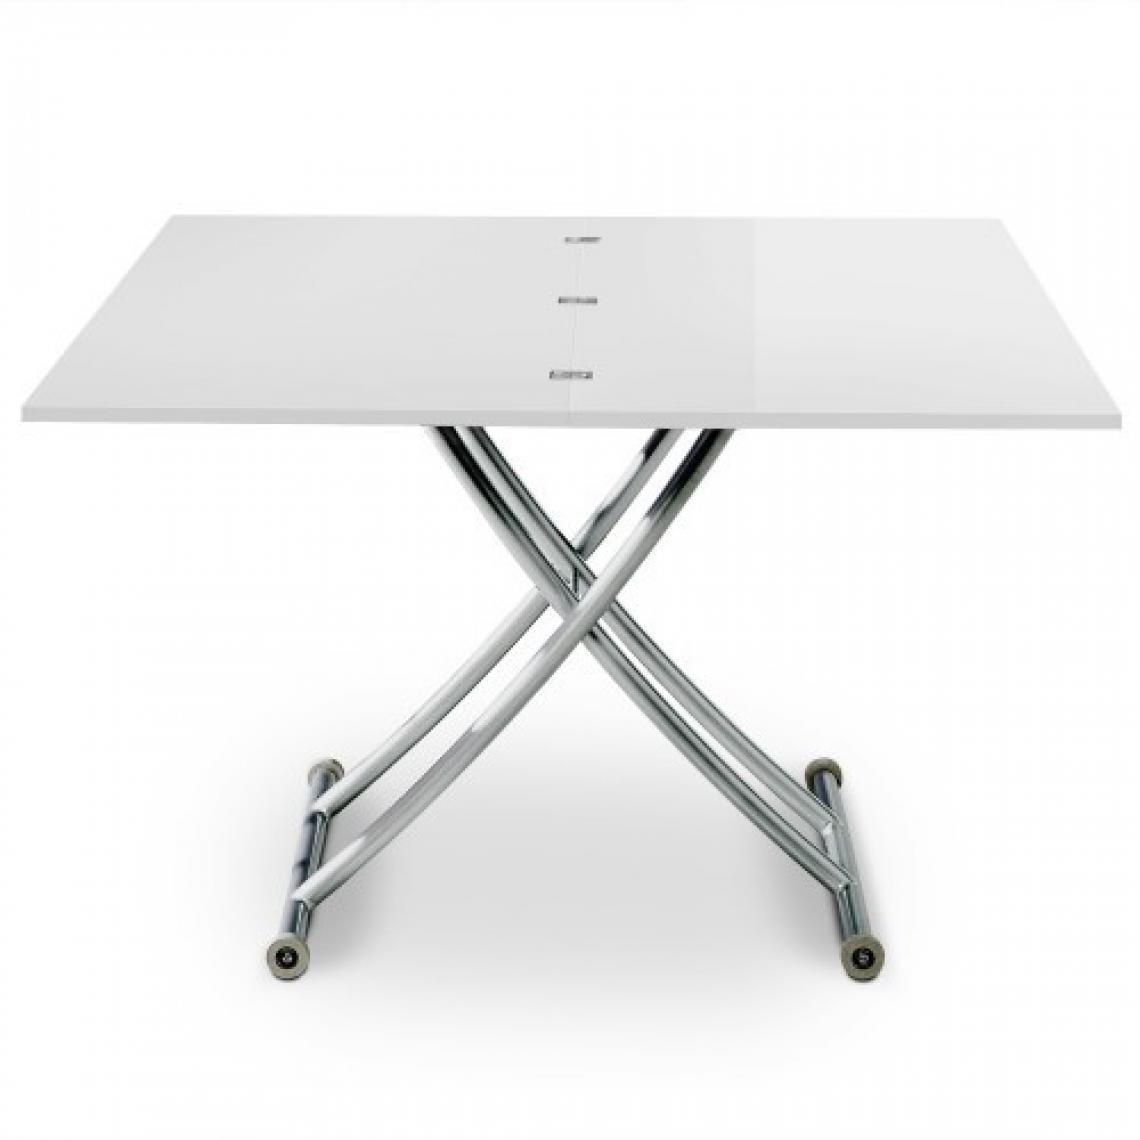 Table Blanche4 Basse À Chaises Relevable Bella Rallonges Grise jqVSLzpGUM